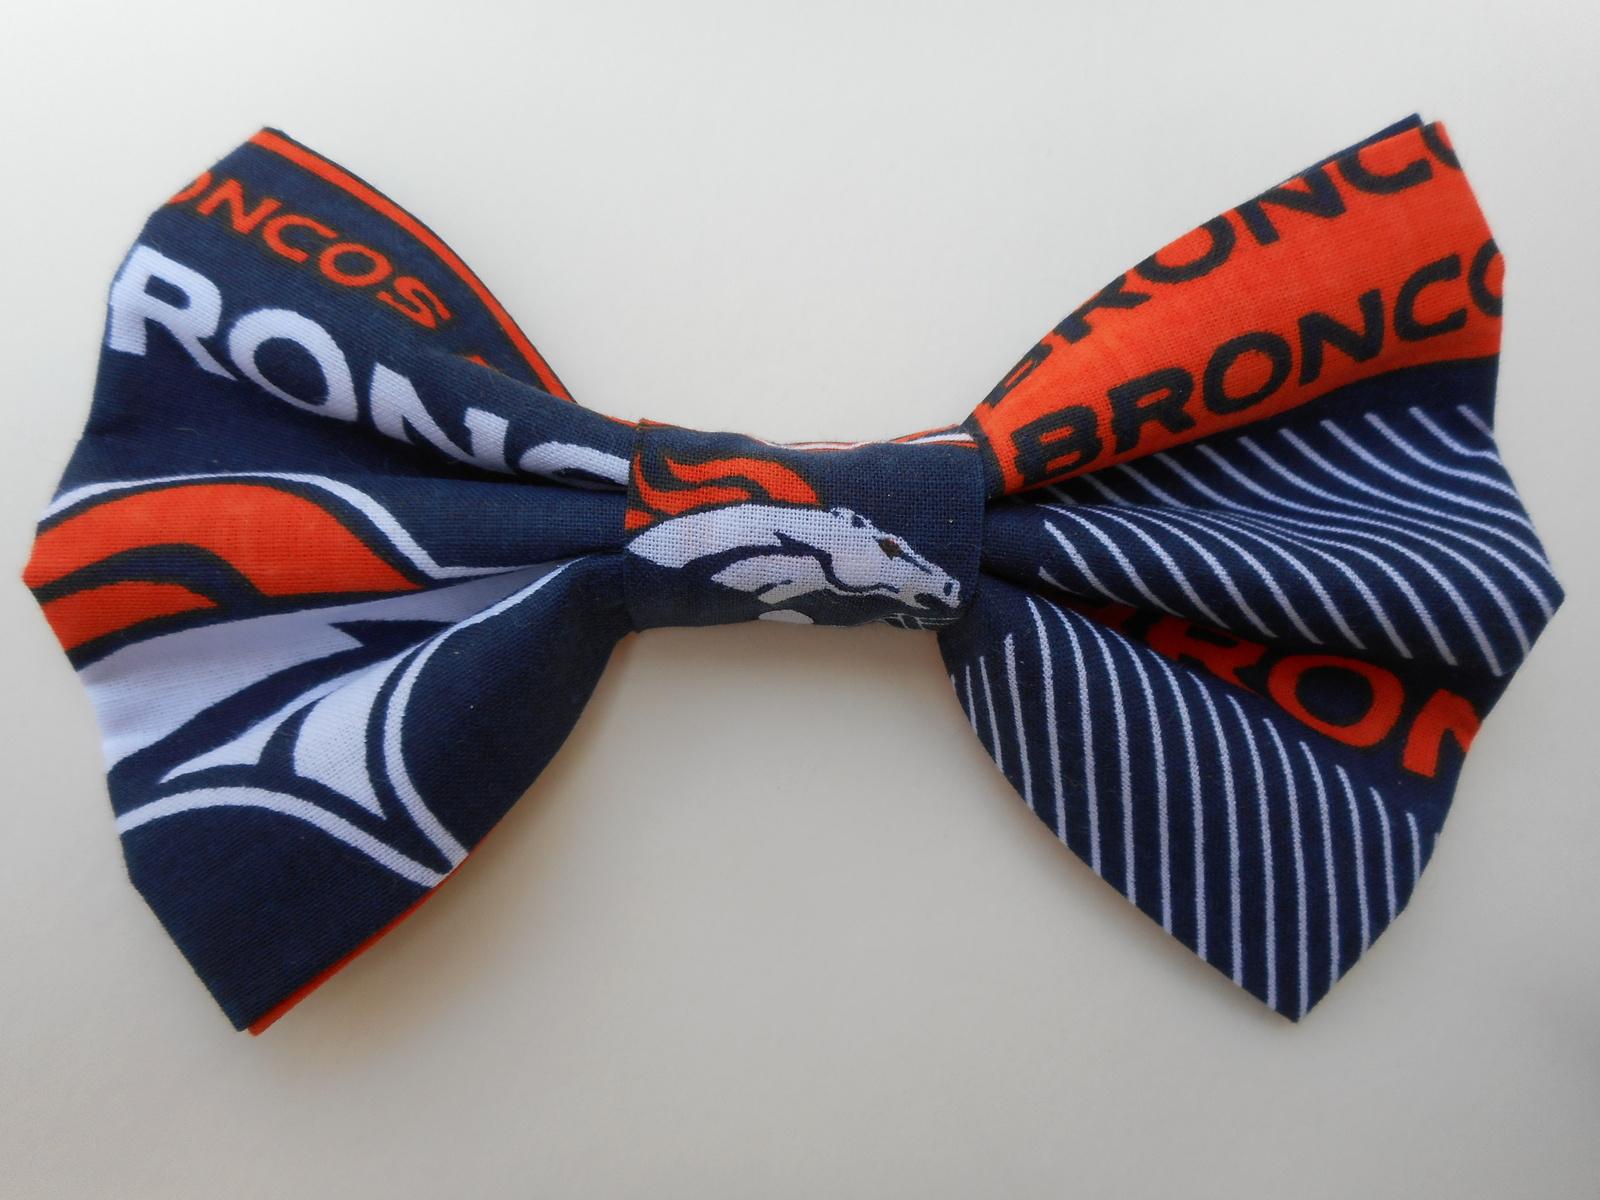 Denver Broncos Big Bow Barrette - $8.00